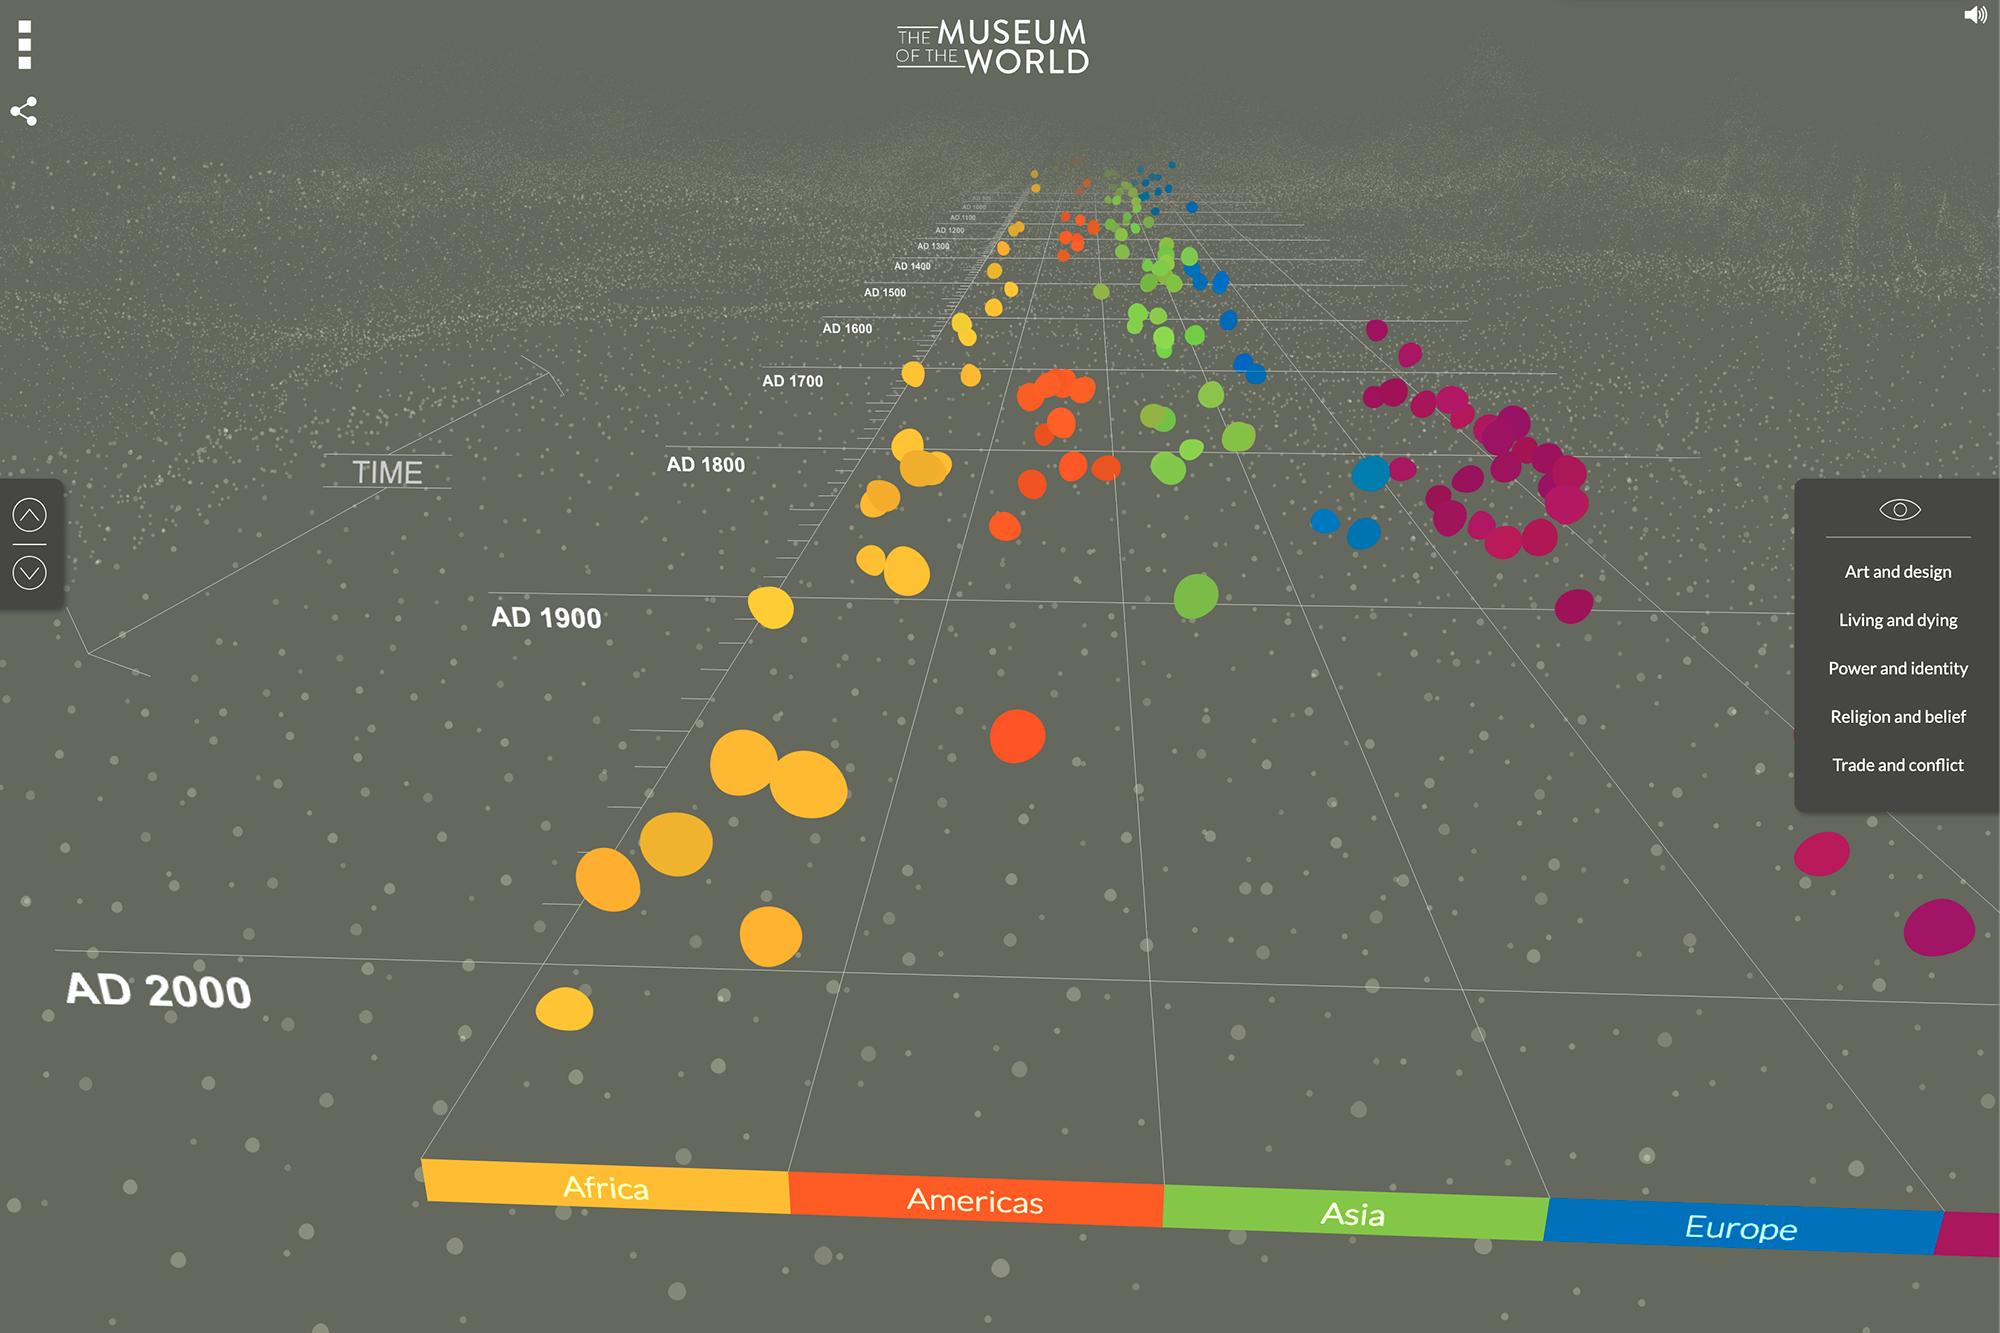 Система координат виртуального музея: время и место